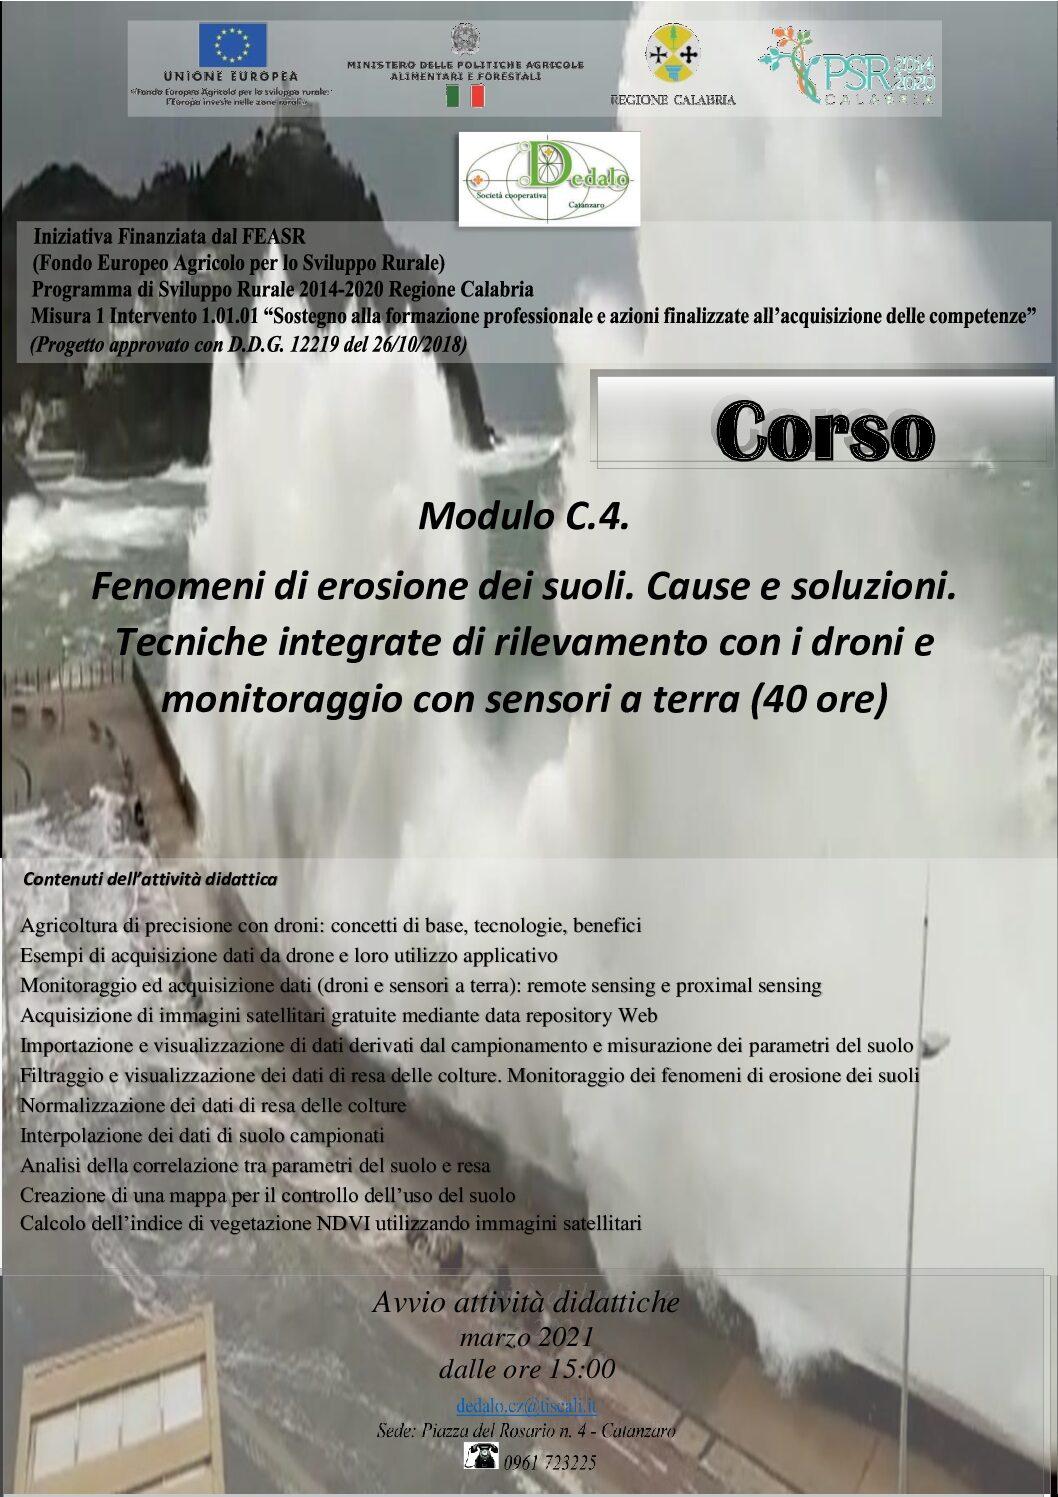 Modulo C.4. Fenomeni di erosione dei suoli. Cause e soluzioni. (40 ore)